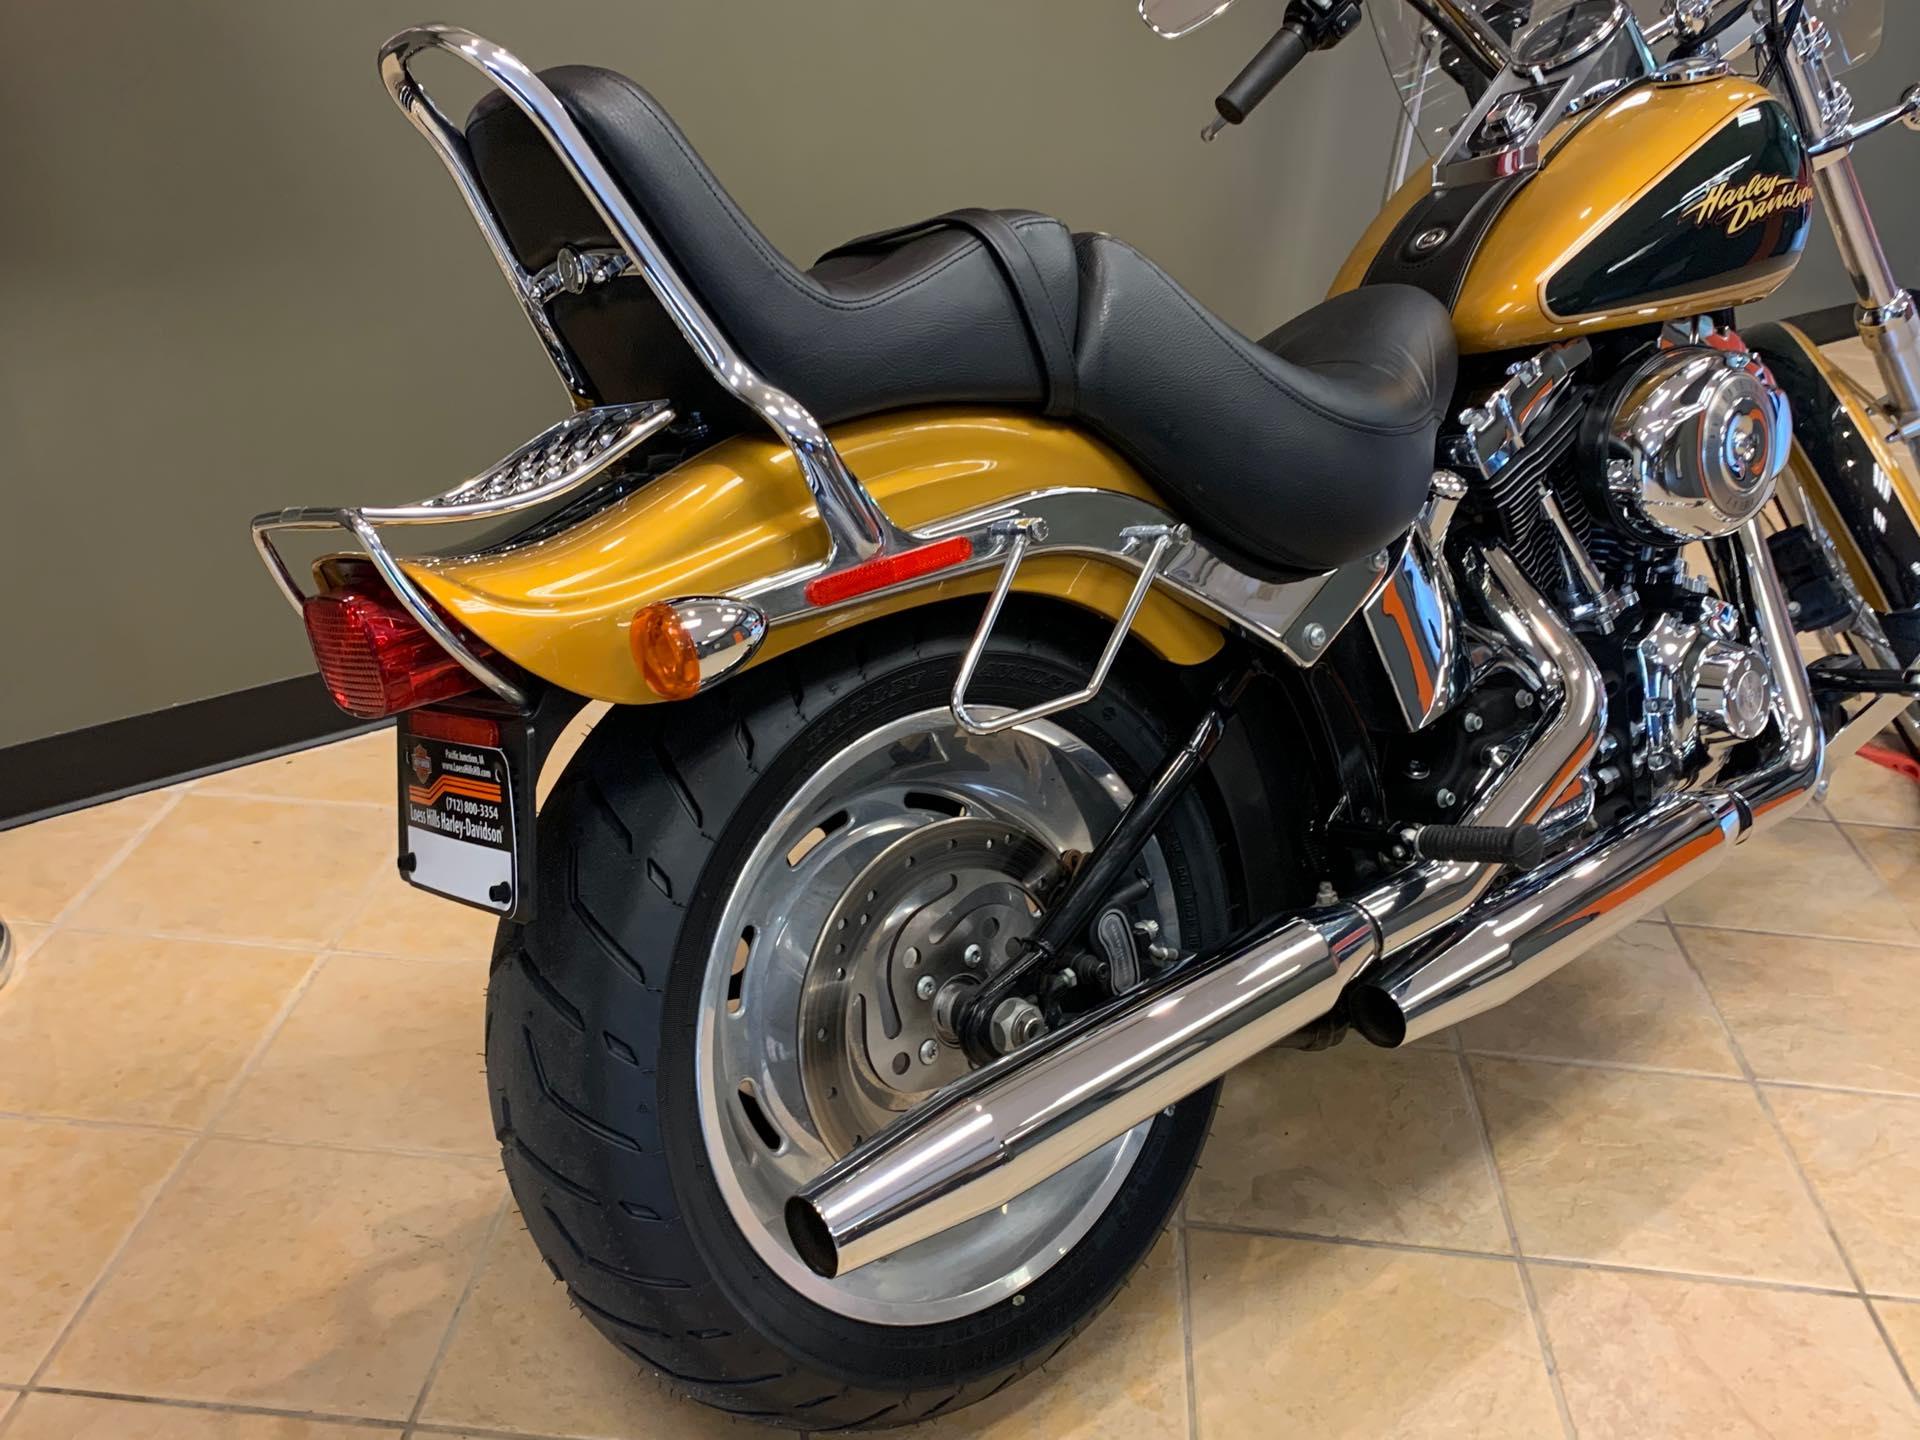 2008 Harley-Davidson Softail Custom at Loess Hills Harley-Davidson